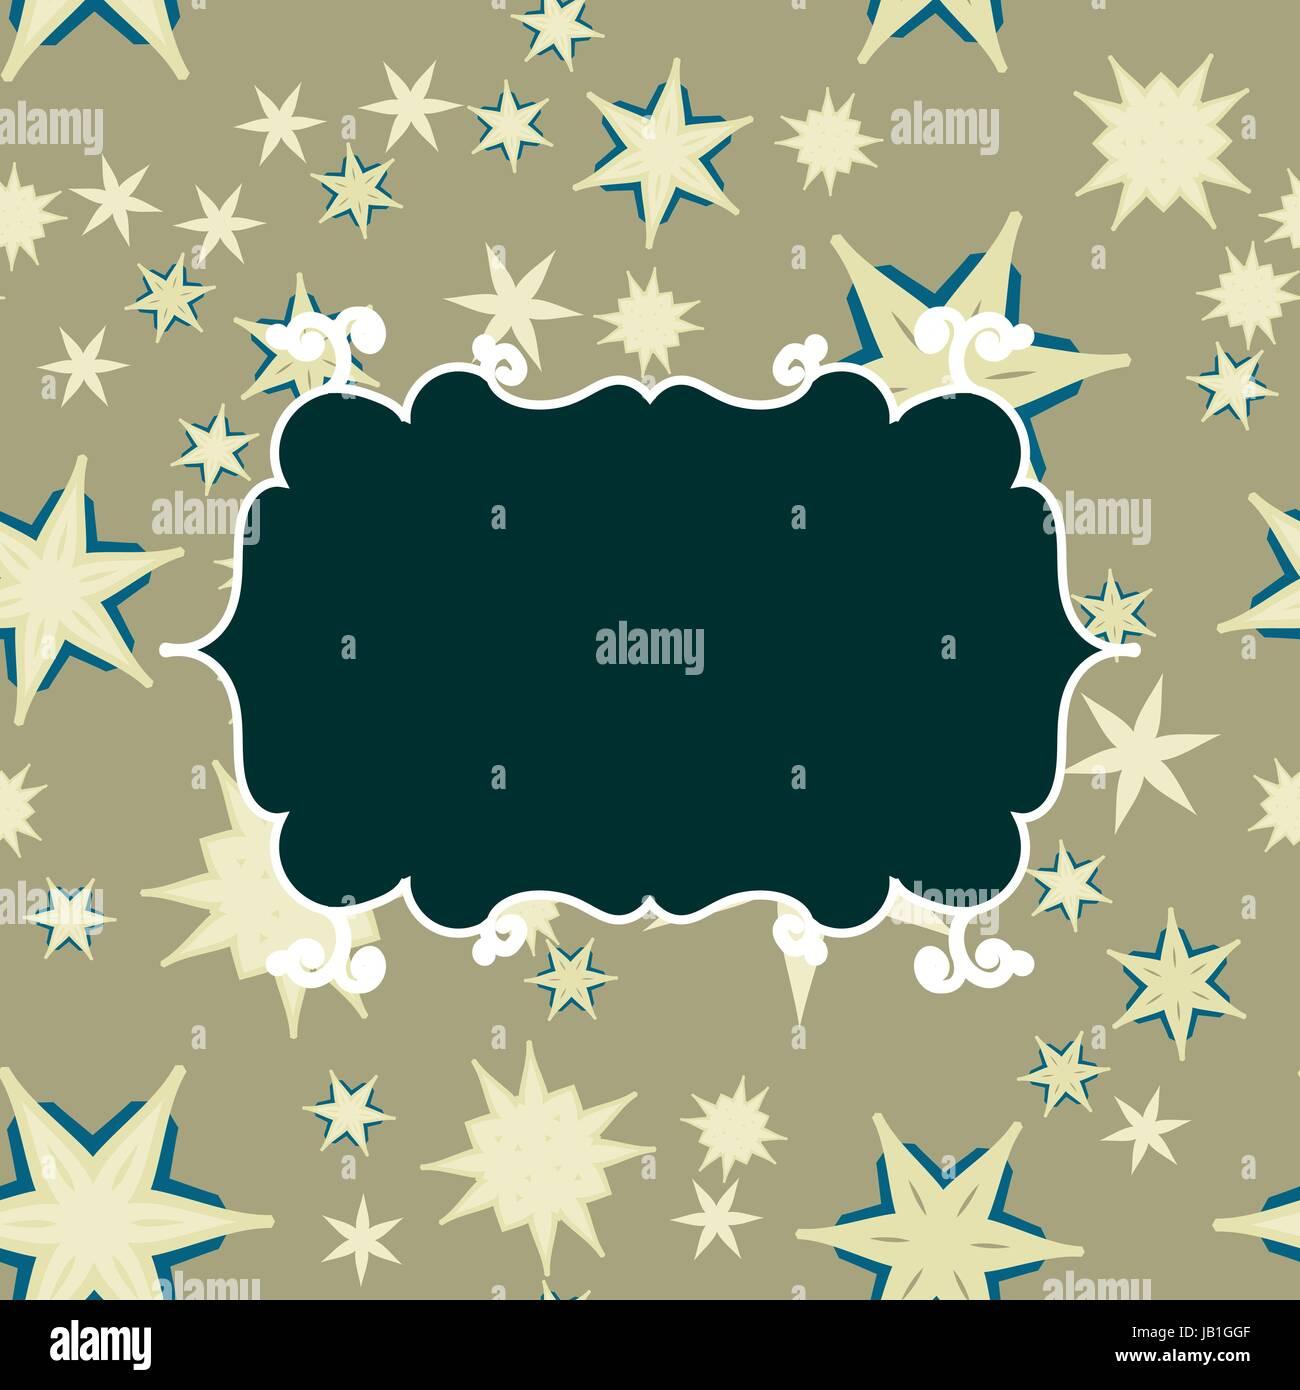 Etc Text Stockfotos & Etc Text Bilder - Seite 3 - Alamy